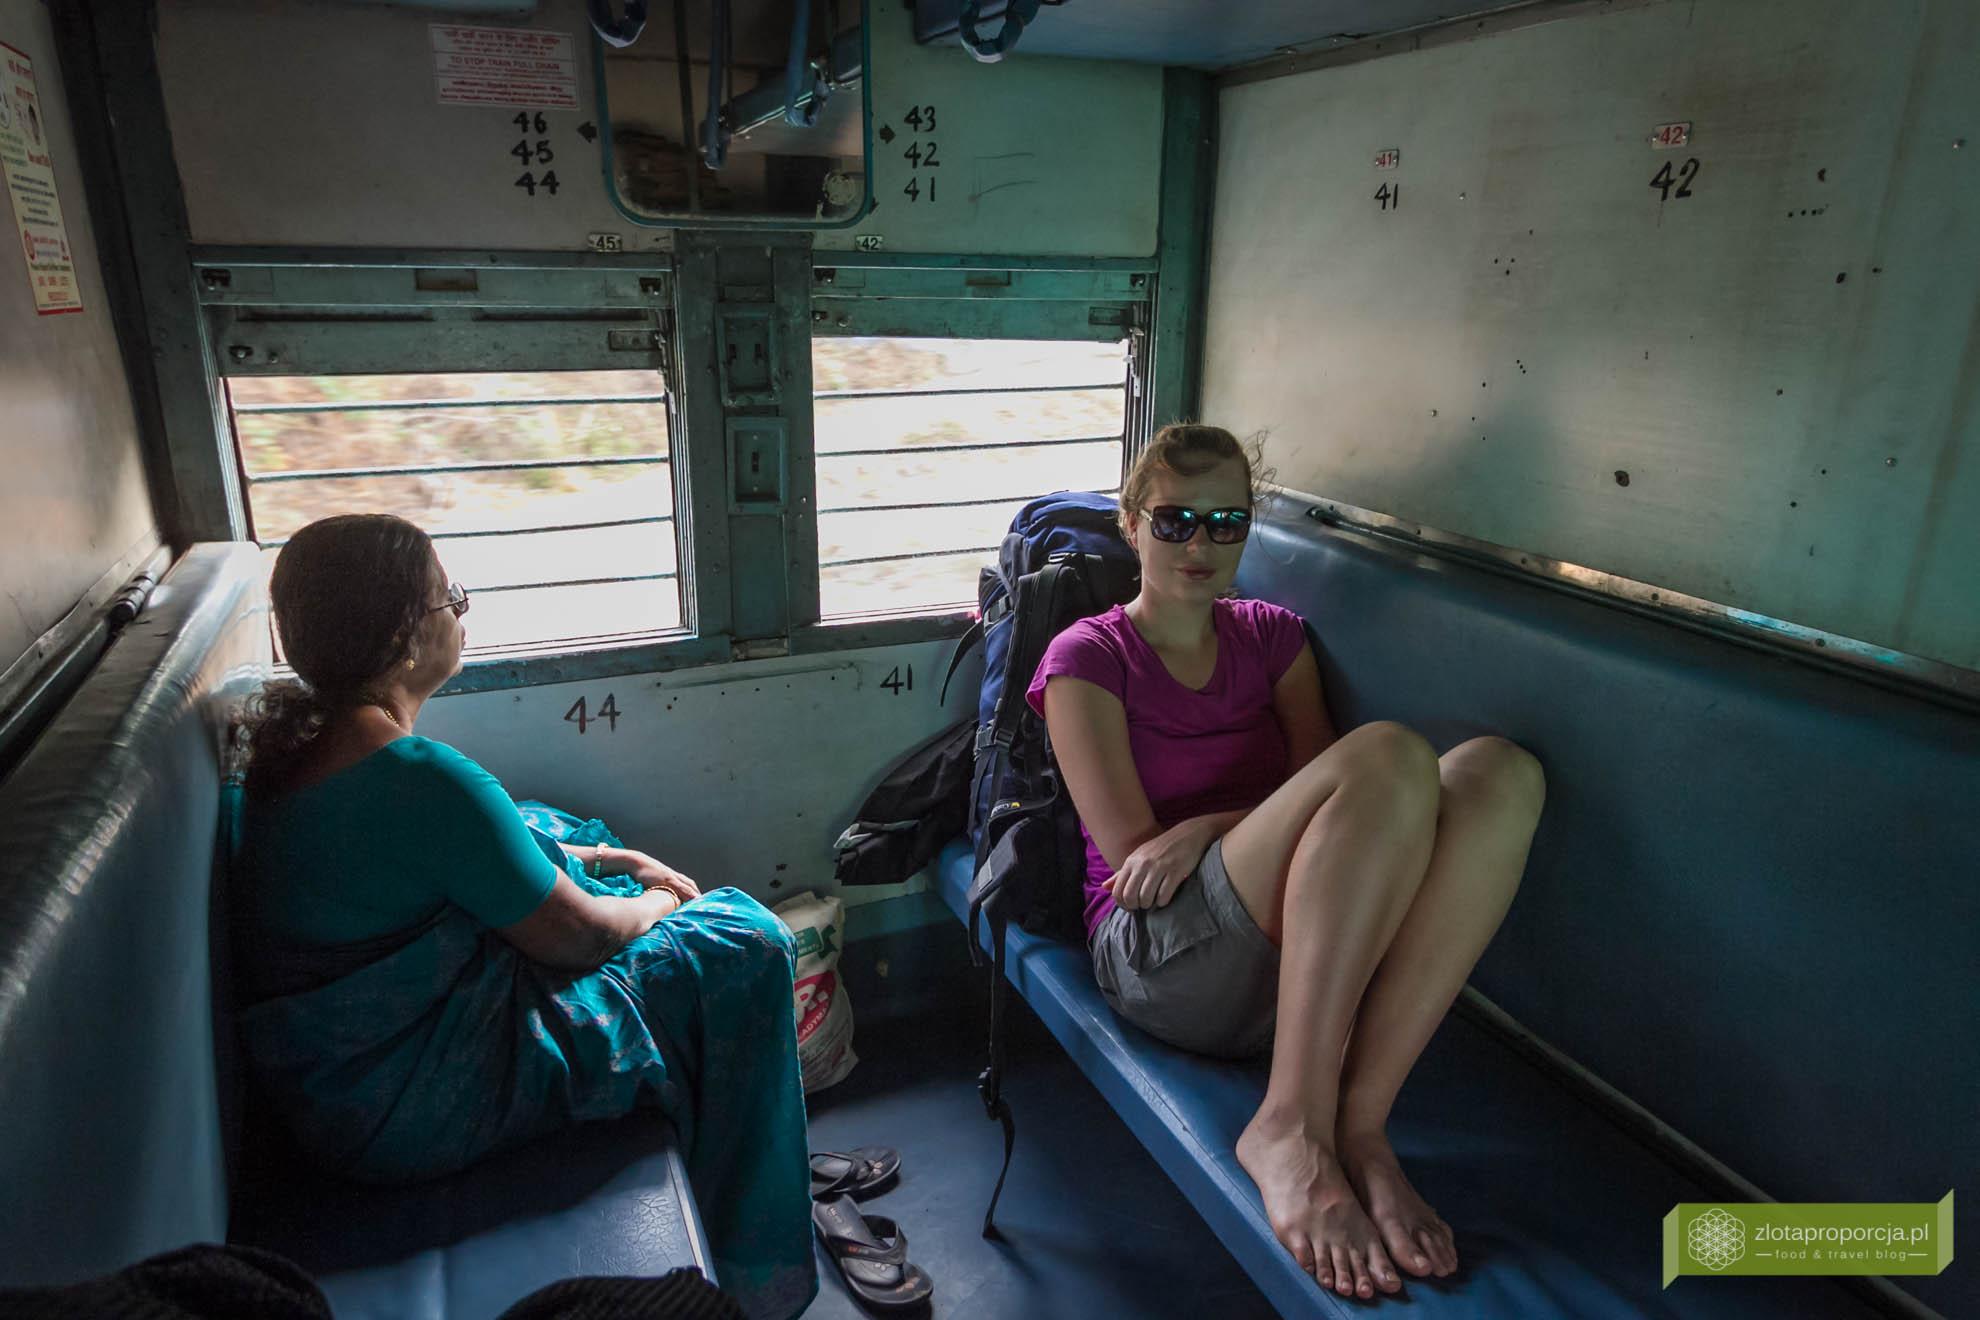 Indie, transport w Indiach; jak się podróżuje w Indiach; komunikacja w Indiach; pociąg w Indiach, Indie pociąg;